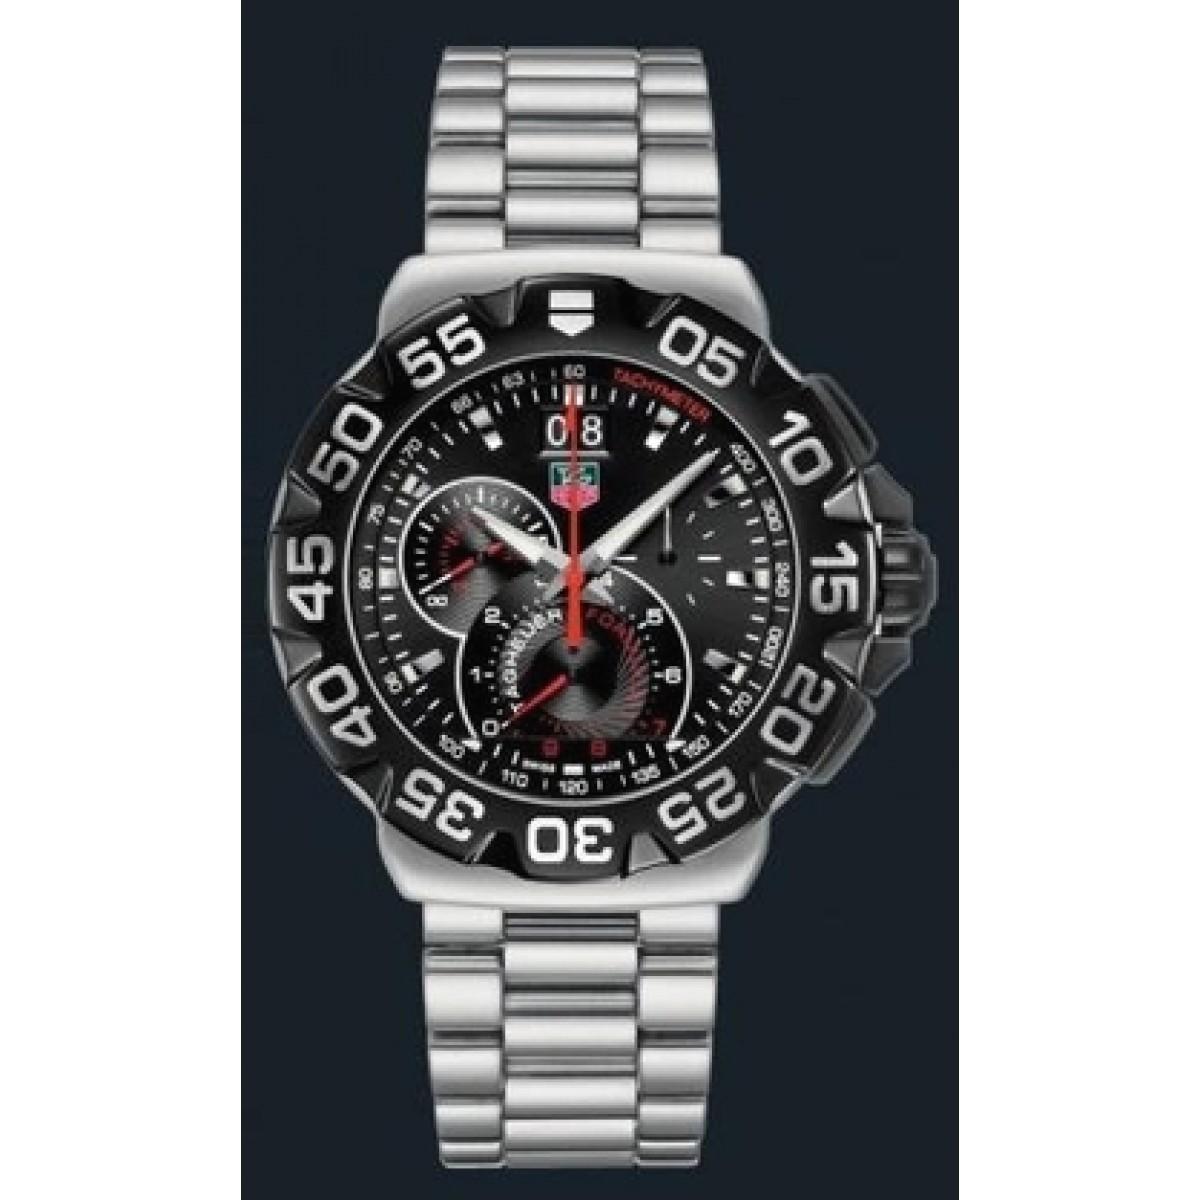 3e2689fc472 Réplica Relógio Tag Heuer Formula 1 Chrono